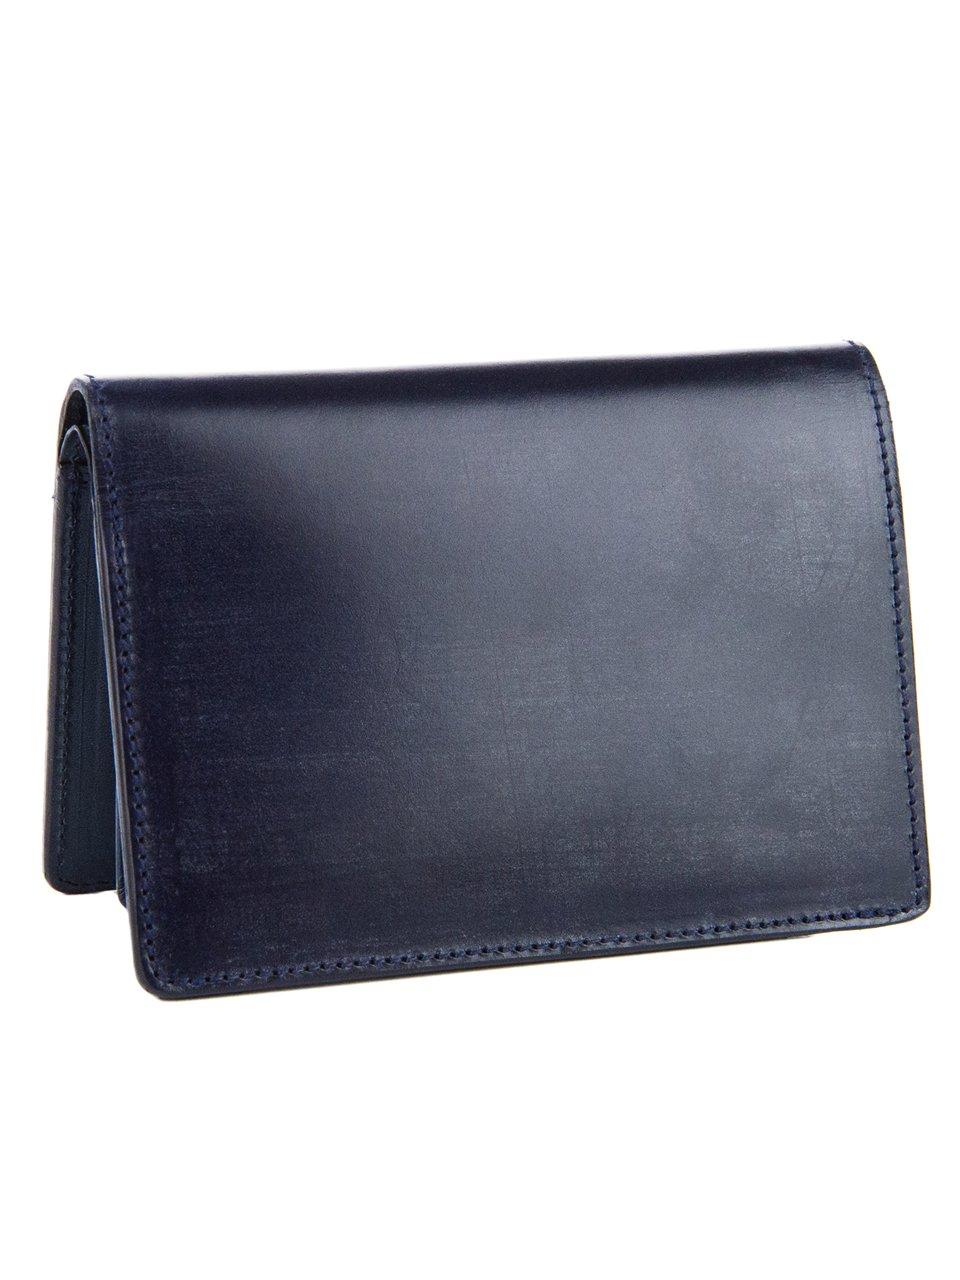 [コルボ] CORBO. 二つ折財布 純札 (ミドルサイズ) 1LD-0235 -face Bridle Leatherフェイス ブライドルレザー シリーズ B0107M1LXU ネイビー ネイビー